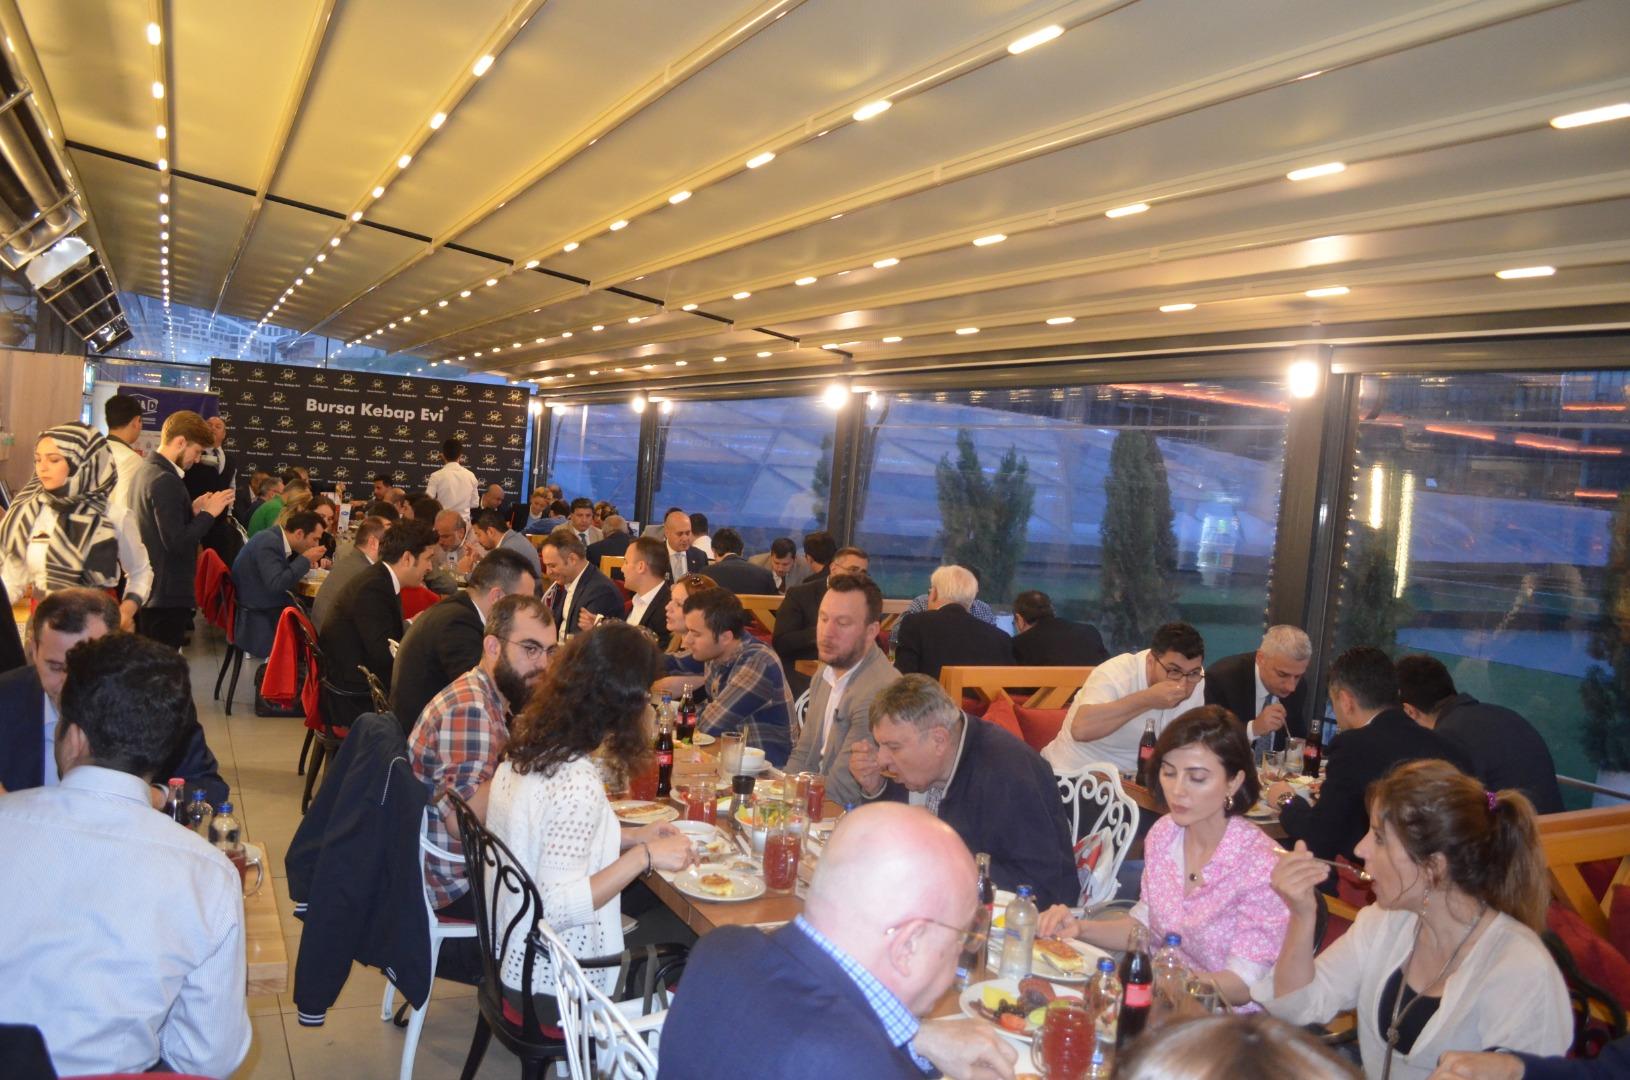 Bursa Kebap Evi UFRAD üyelerini iftar davetinde buluşturdu